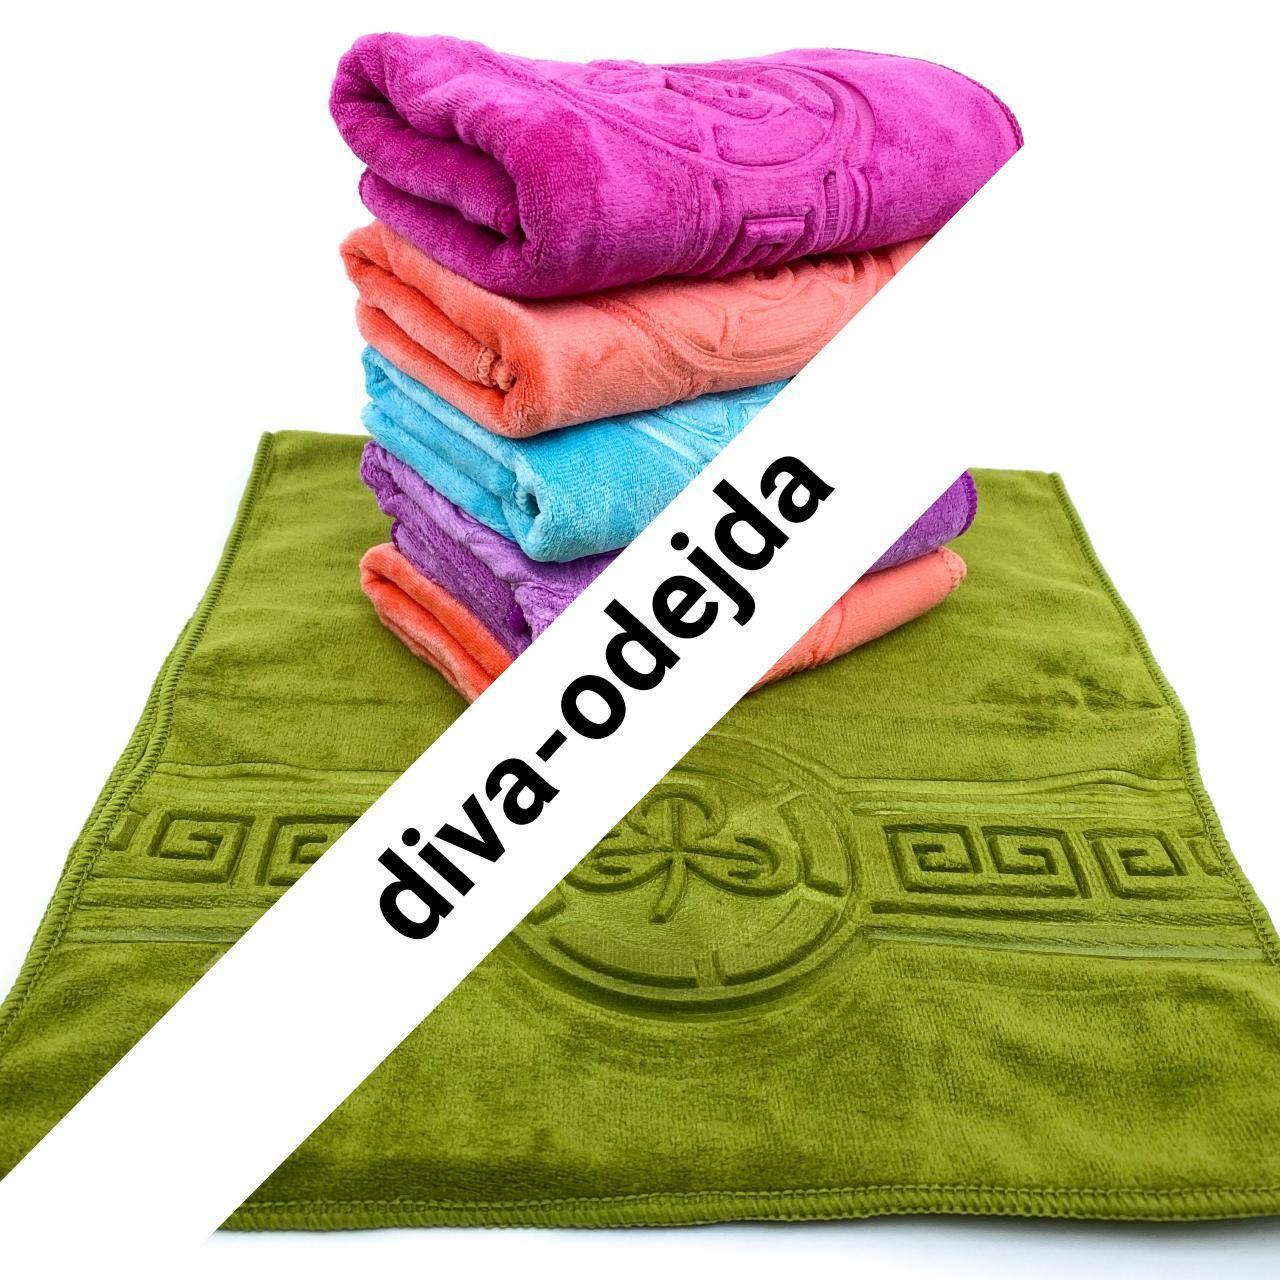 Кухонное полотенце из микрофибры.Размер :0,35 x 0,75